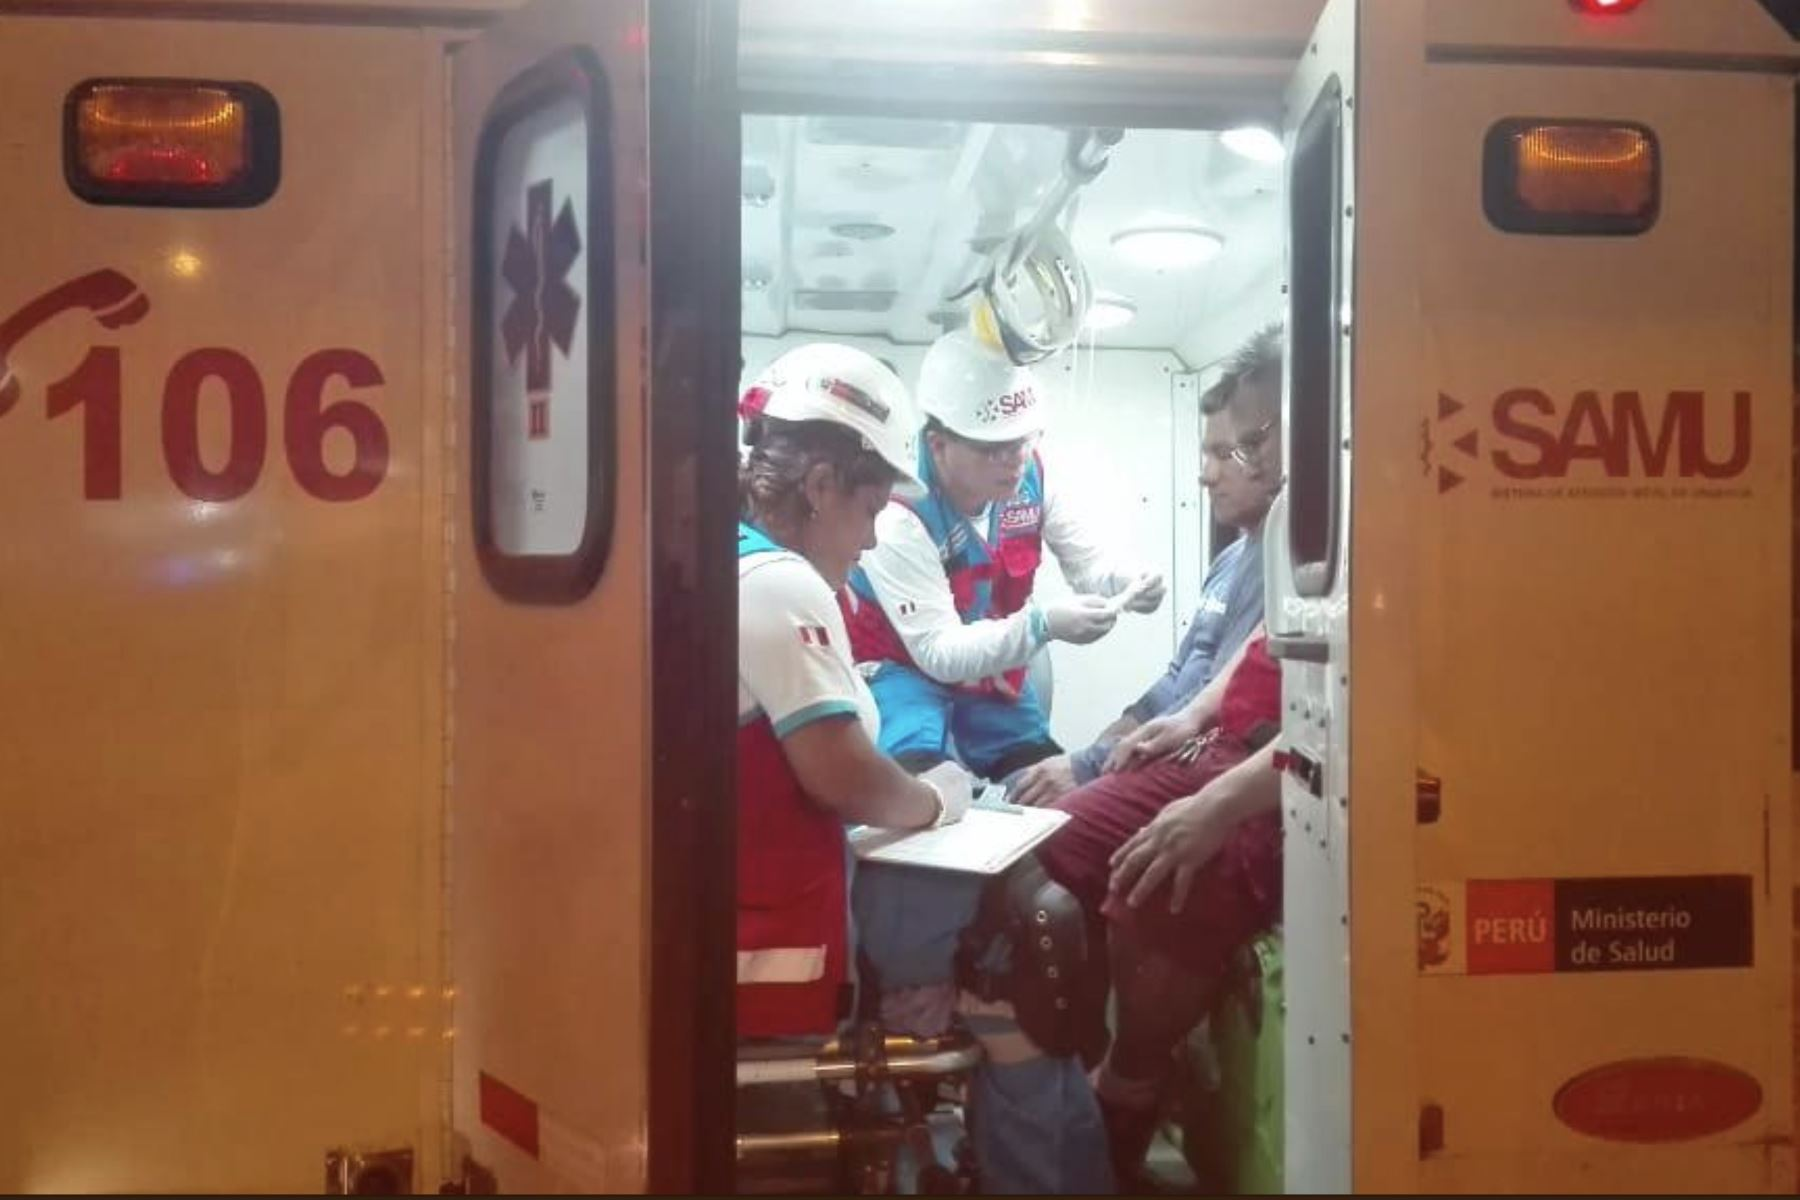 Según reporte del Servicio de Atención Móvil de Urgencia (Samu) los seis afectados fueron trasladados al hospital Sergio Bernales, de Collique, Foto: ANDINA/SAMU